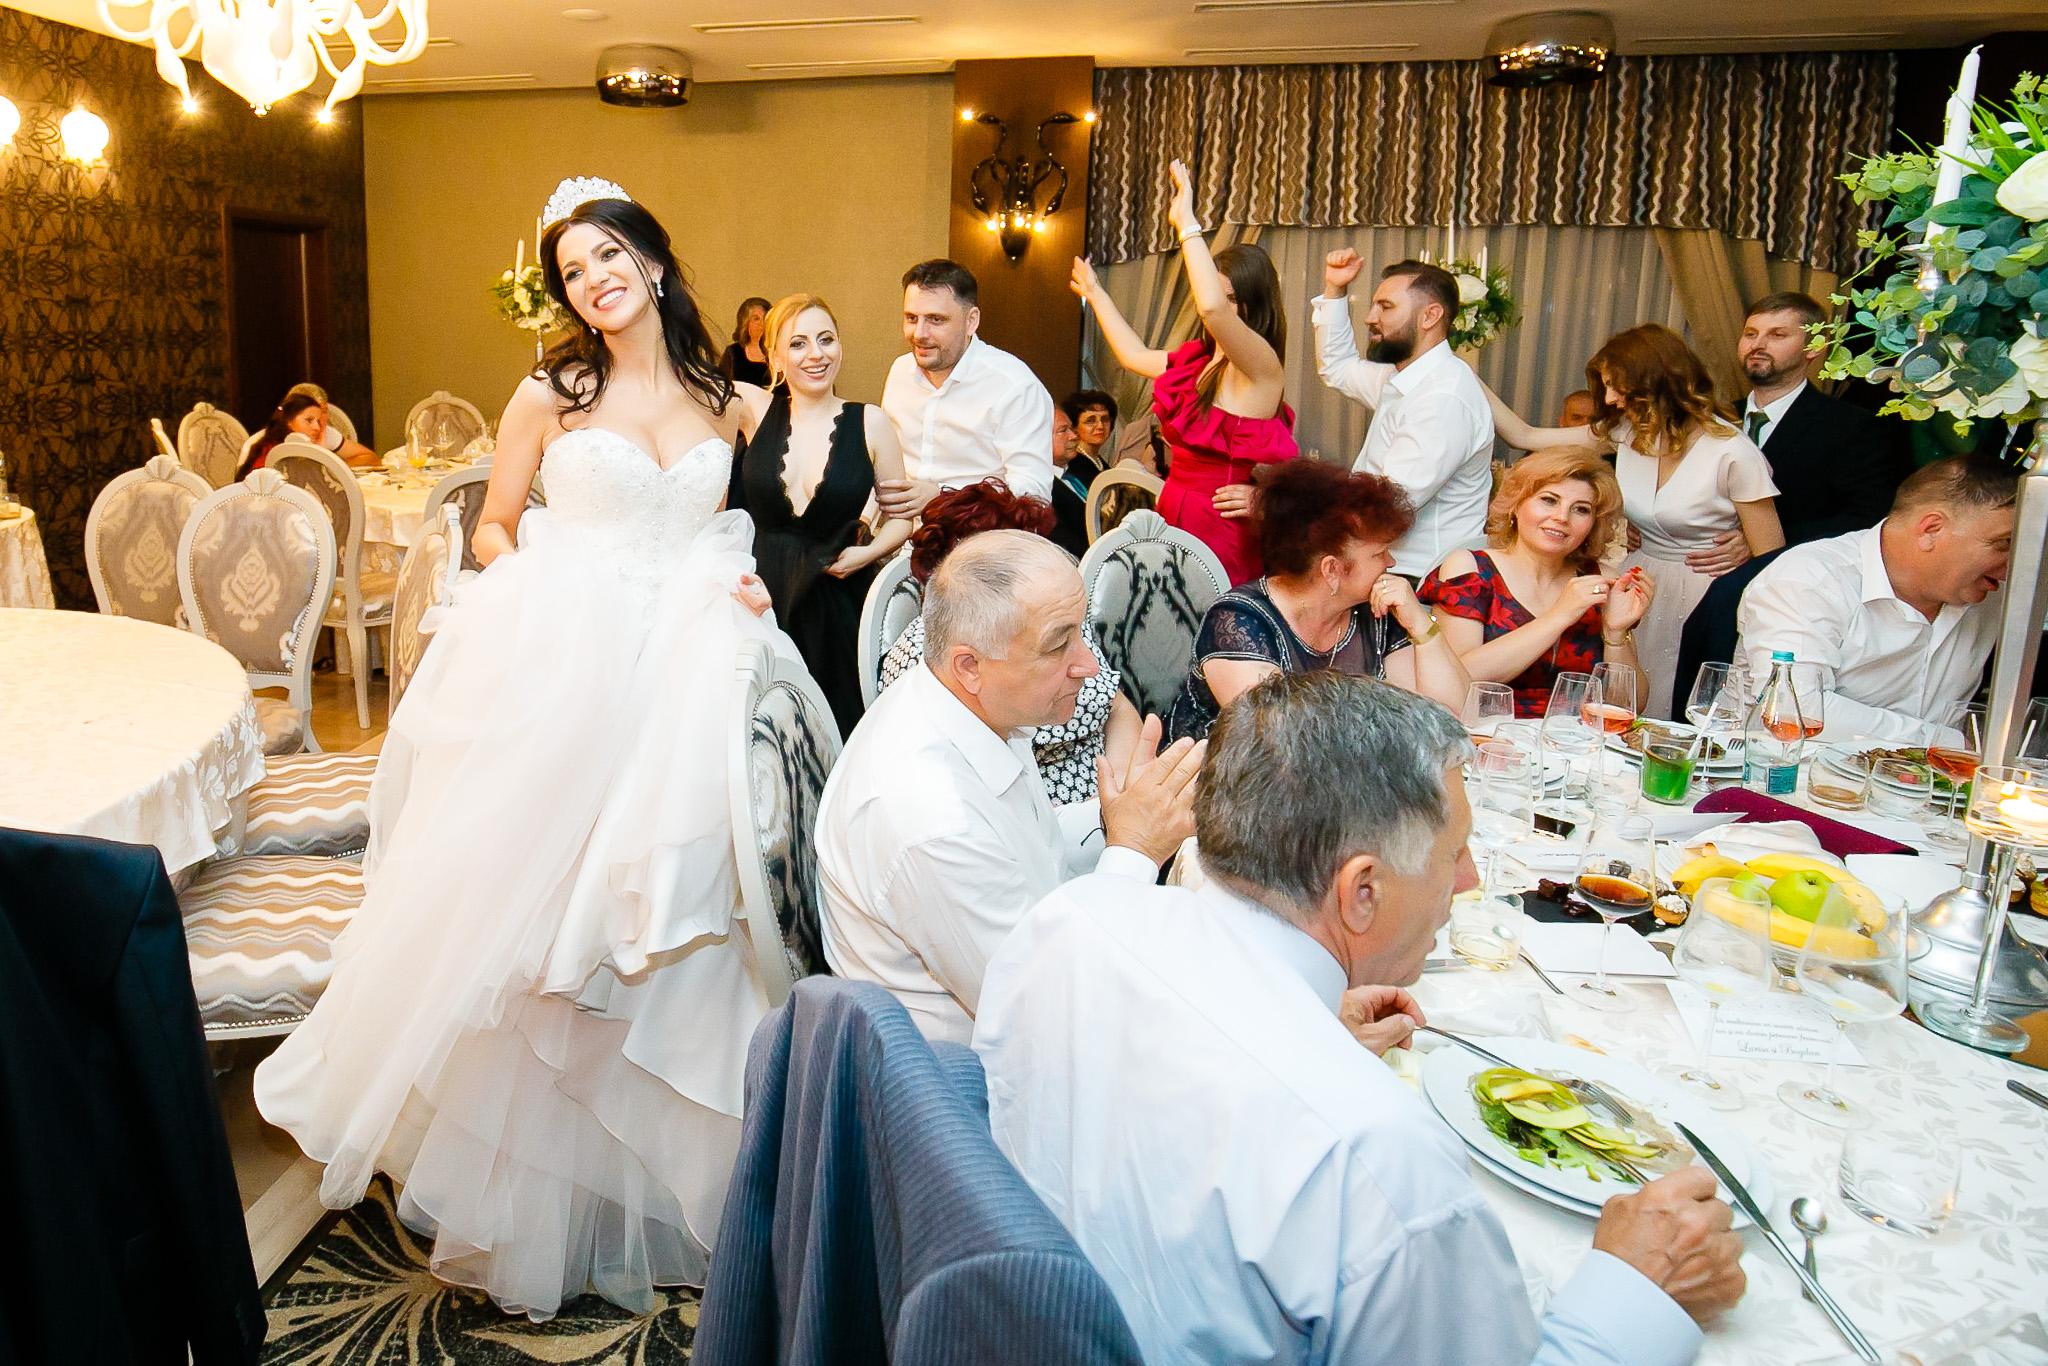 Larisa si Bogdan Nuntă la Pleiada fotograf profesionist nunta Iasi www.paulpadurariu.ro © 2018 Paul Padurariu petrecere 12